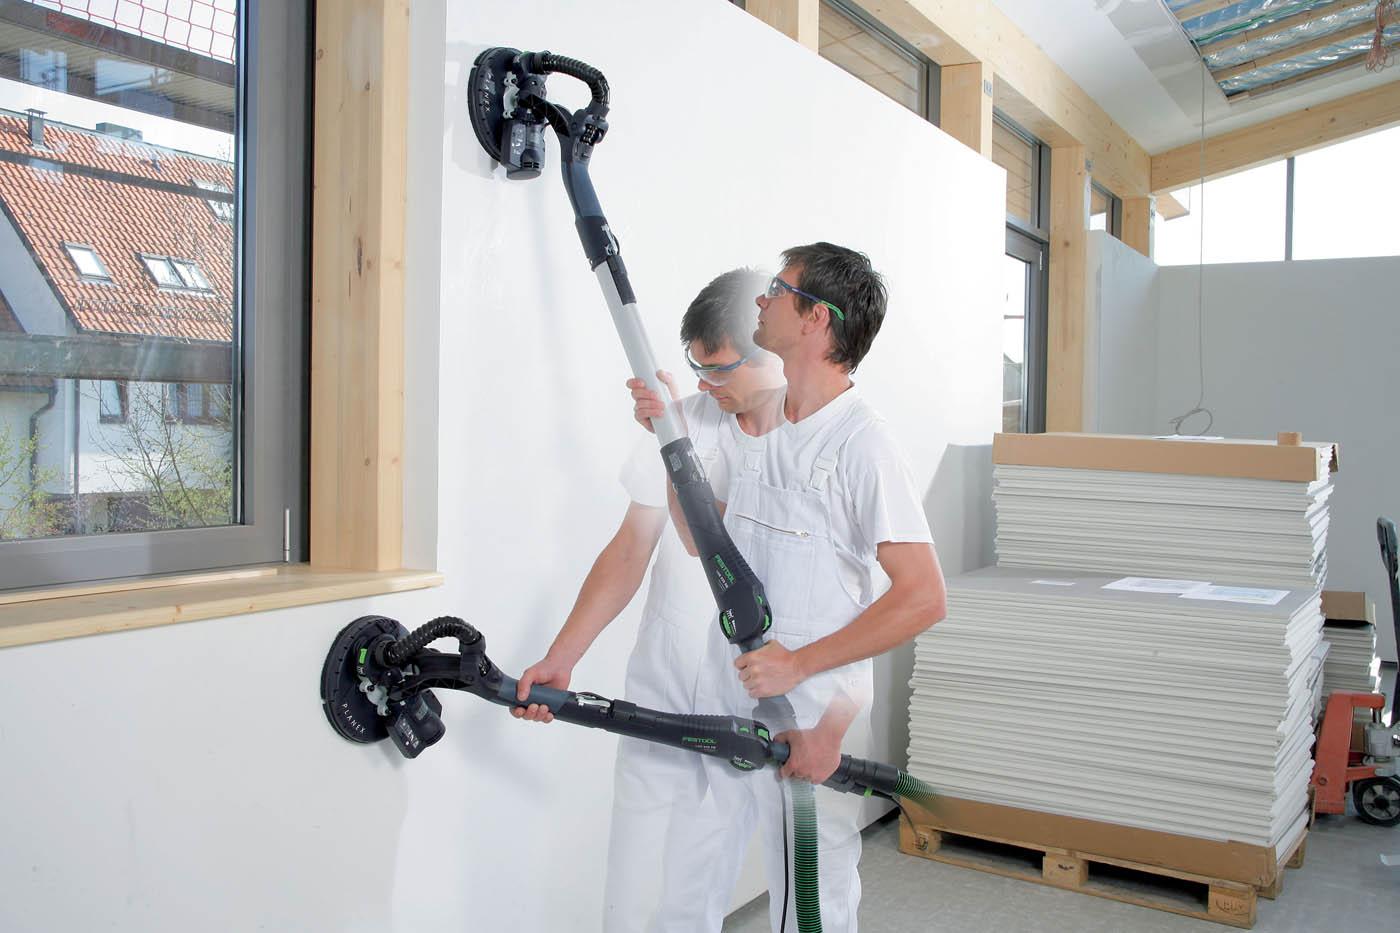 Шлифовка стен после шпаклевки – советы профессионалов